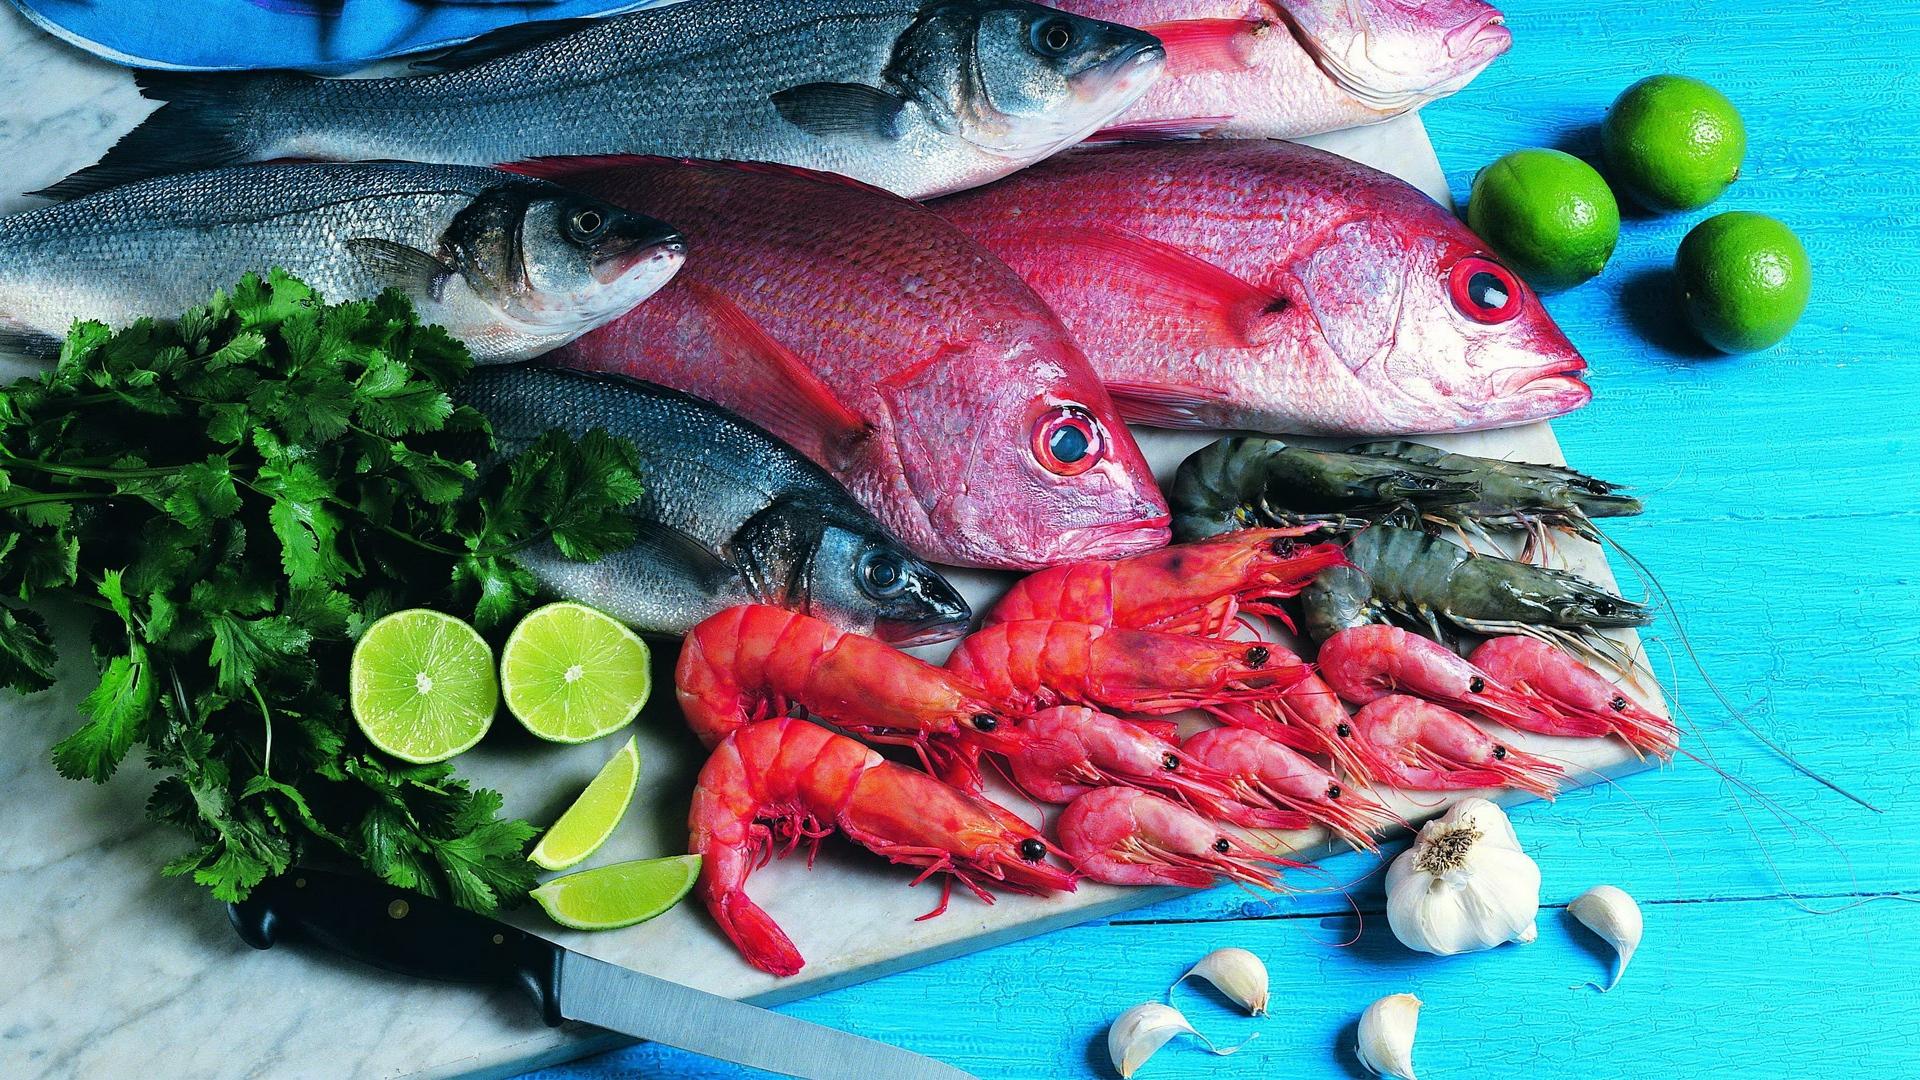 особенности национальной рыбалки бесплатно в качестве hd 720